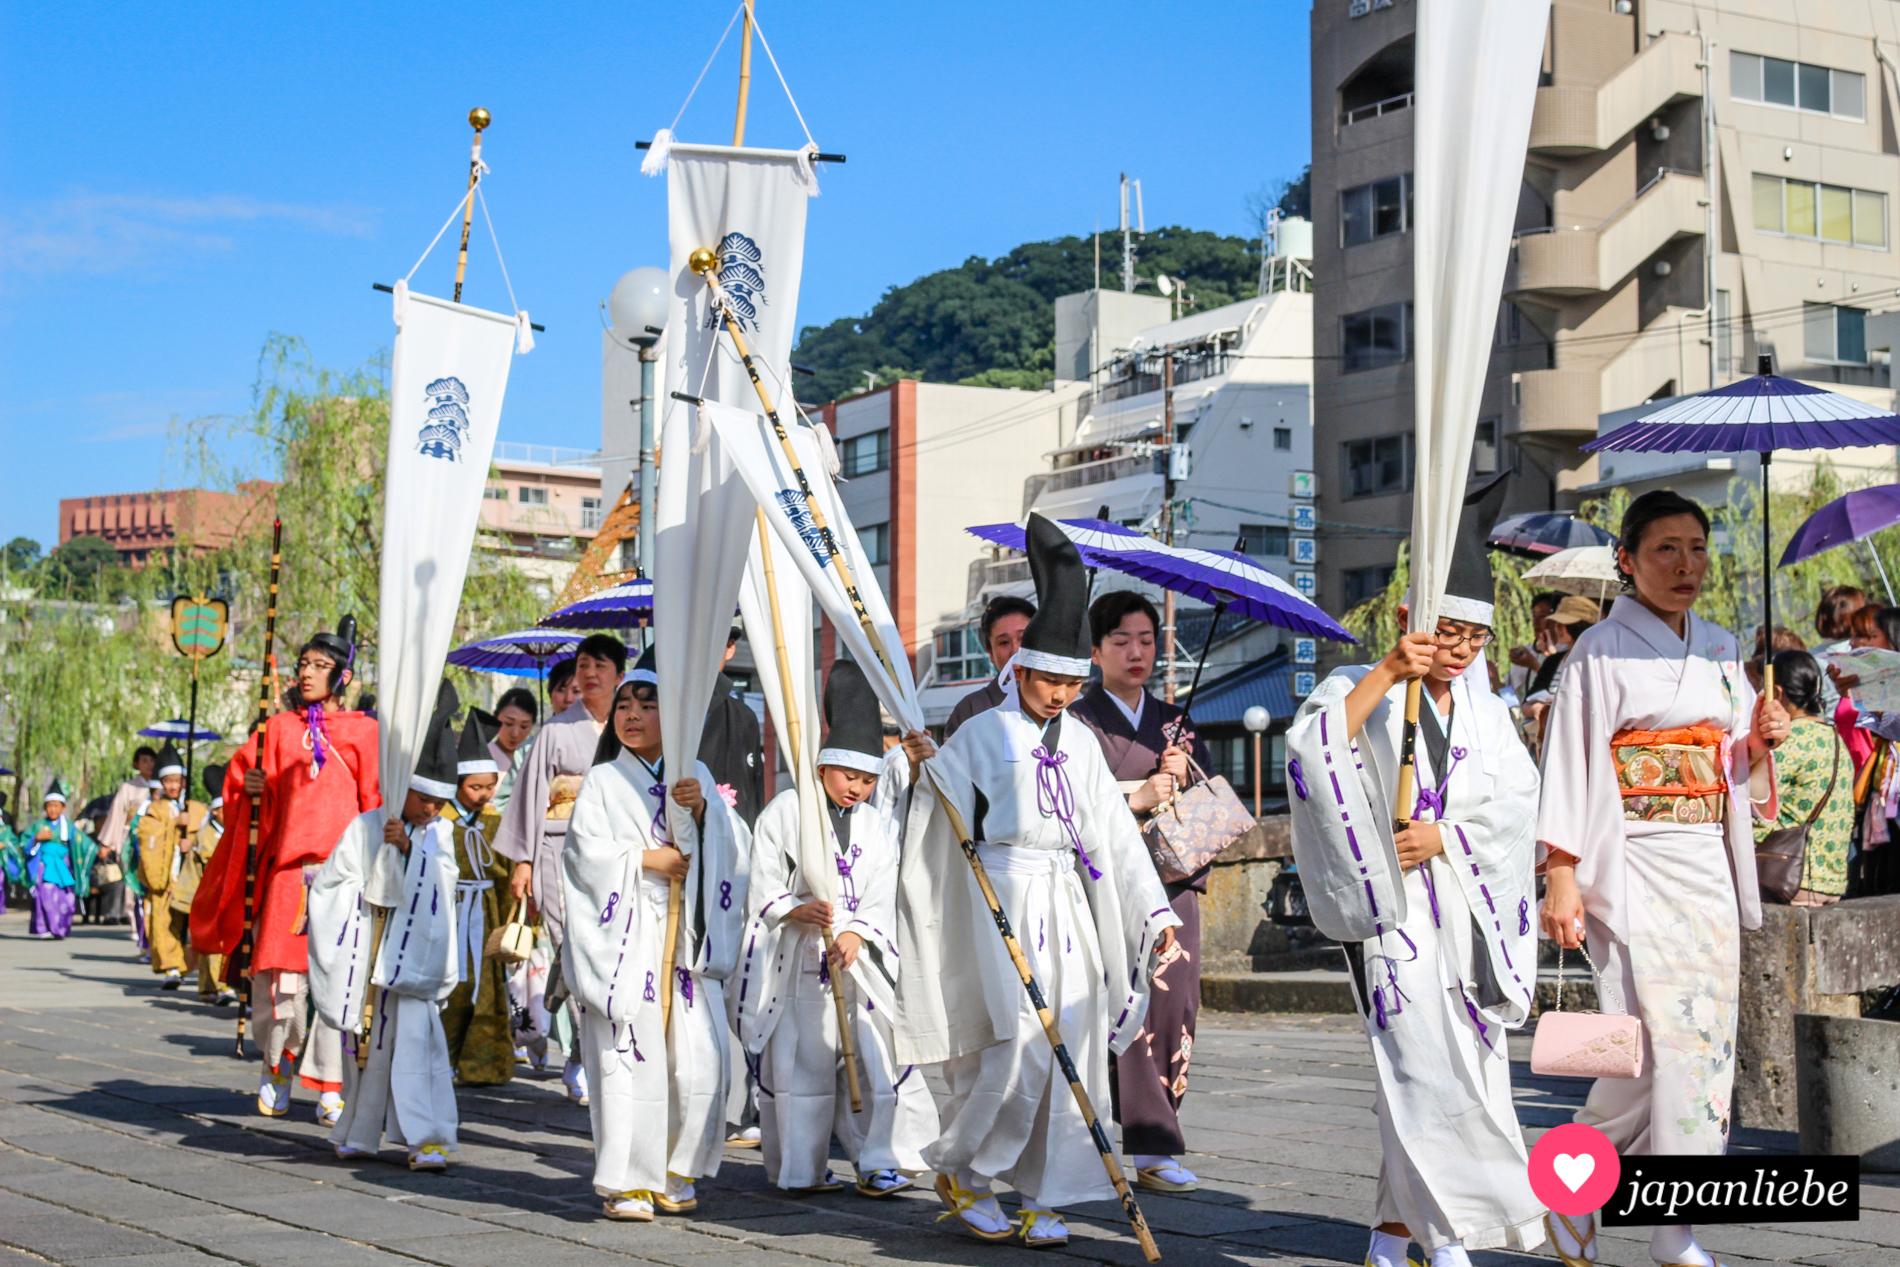 Jedes Jahr zeigen andere Gruppen beim Nagasaki Kunchi ihre Gewänder und Tänze.